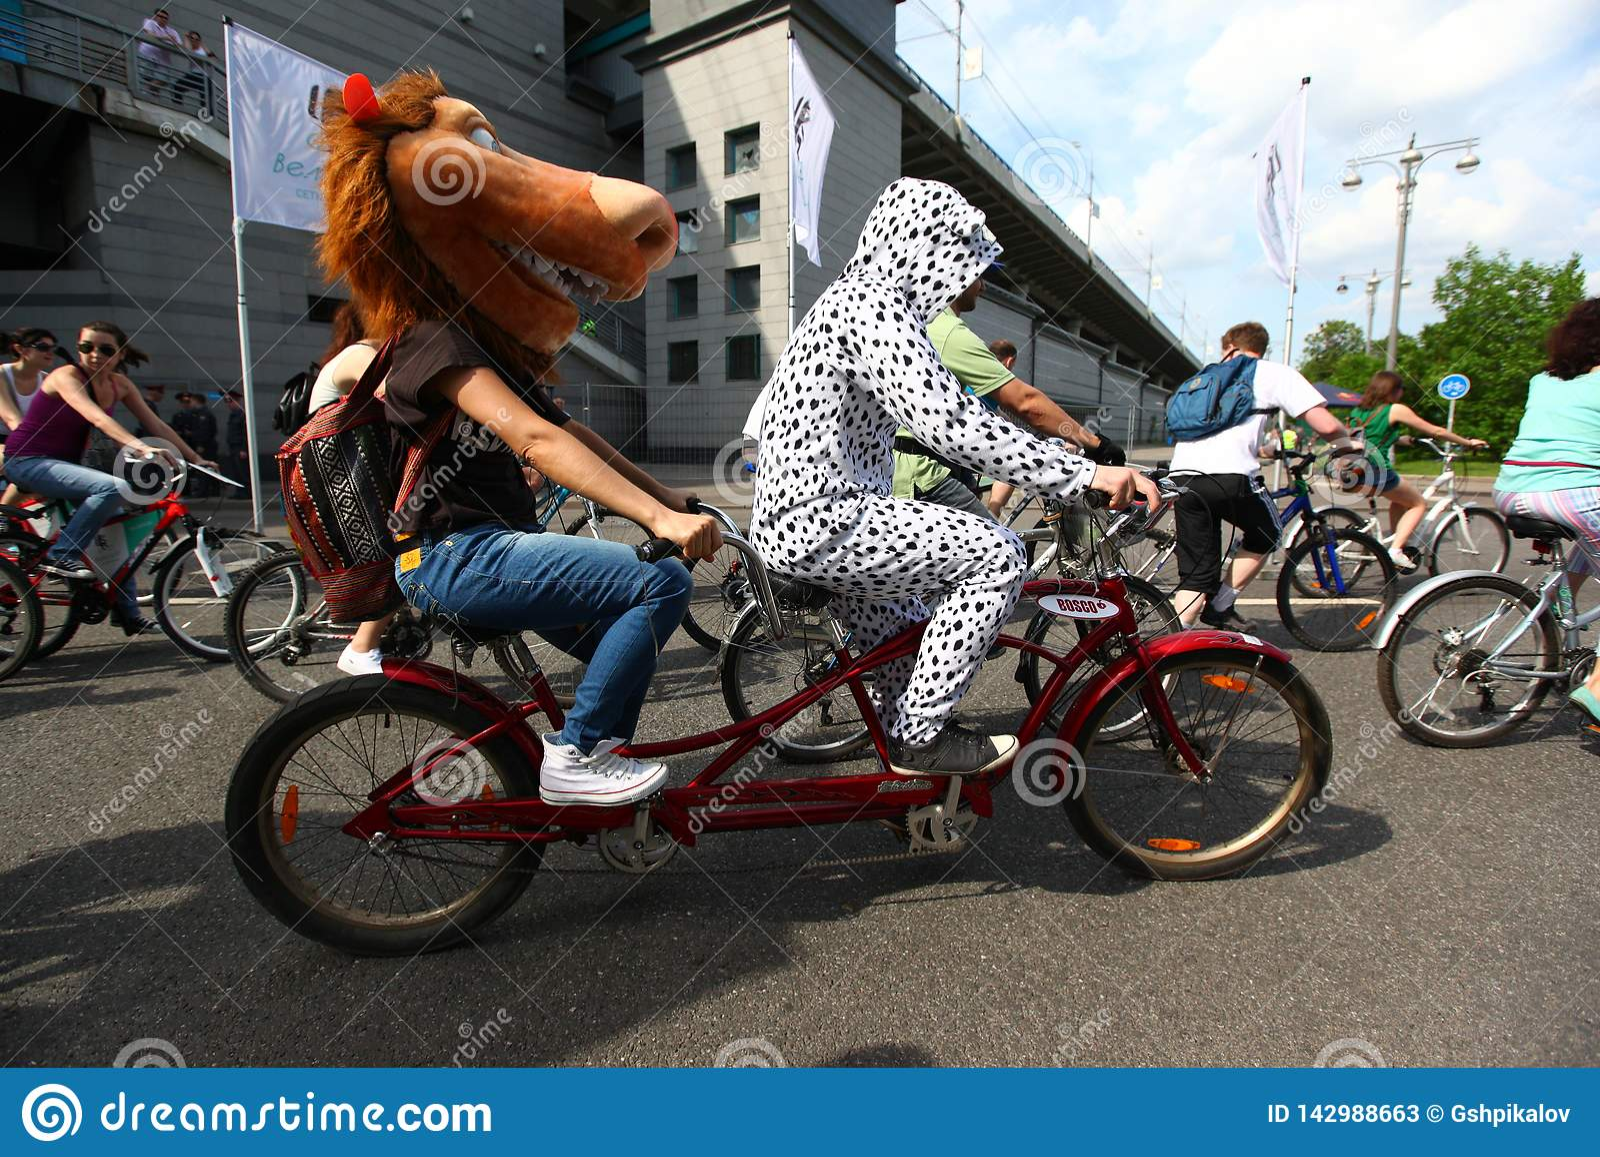 莫斯科,俄罗斯- 2002年5月20日:城市循环的游行、马和dalmation打扮了一辆纵排自行车的参加者